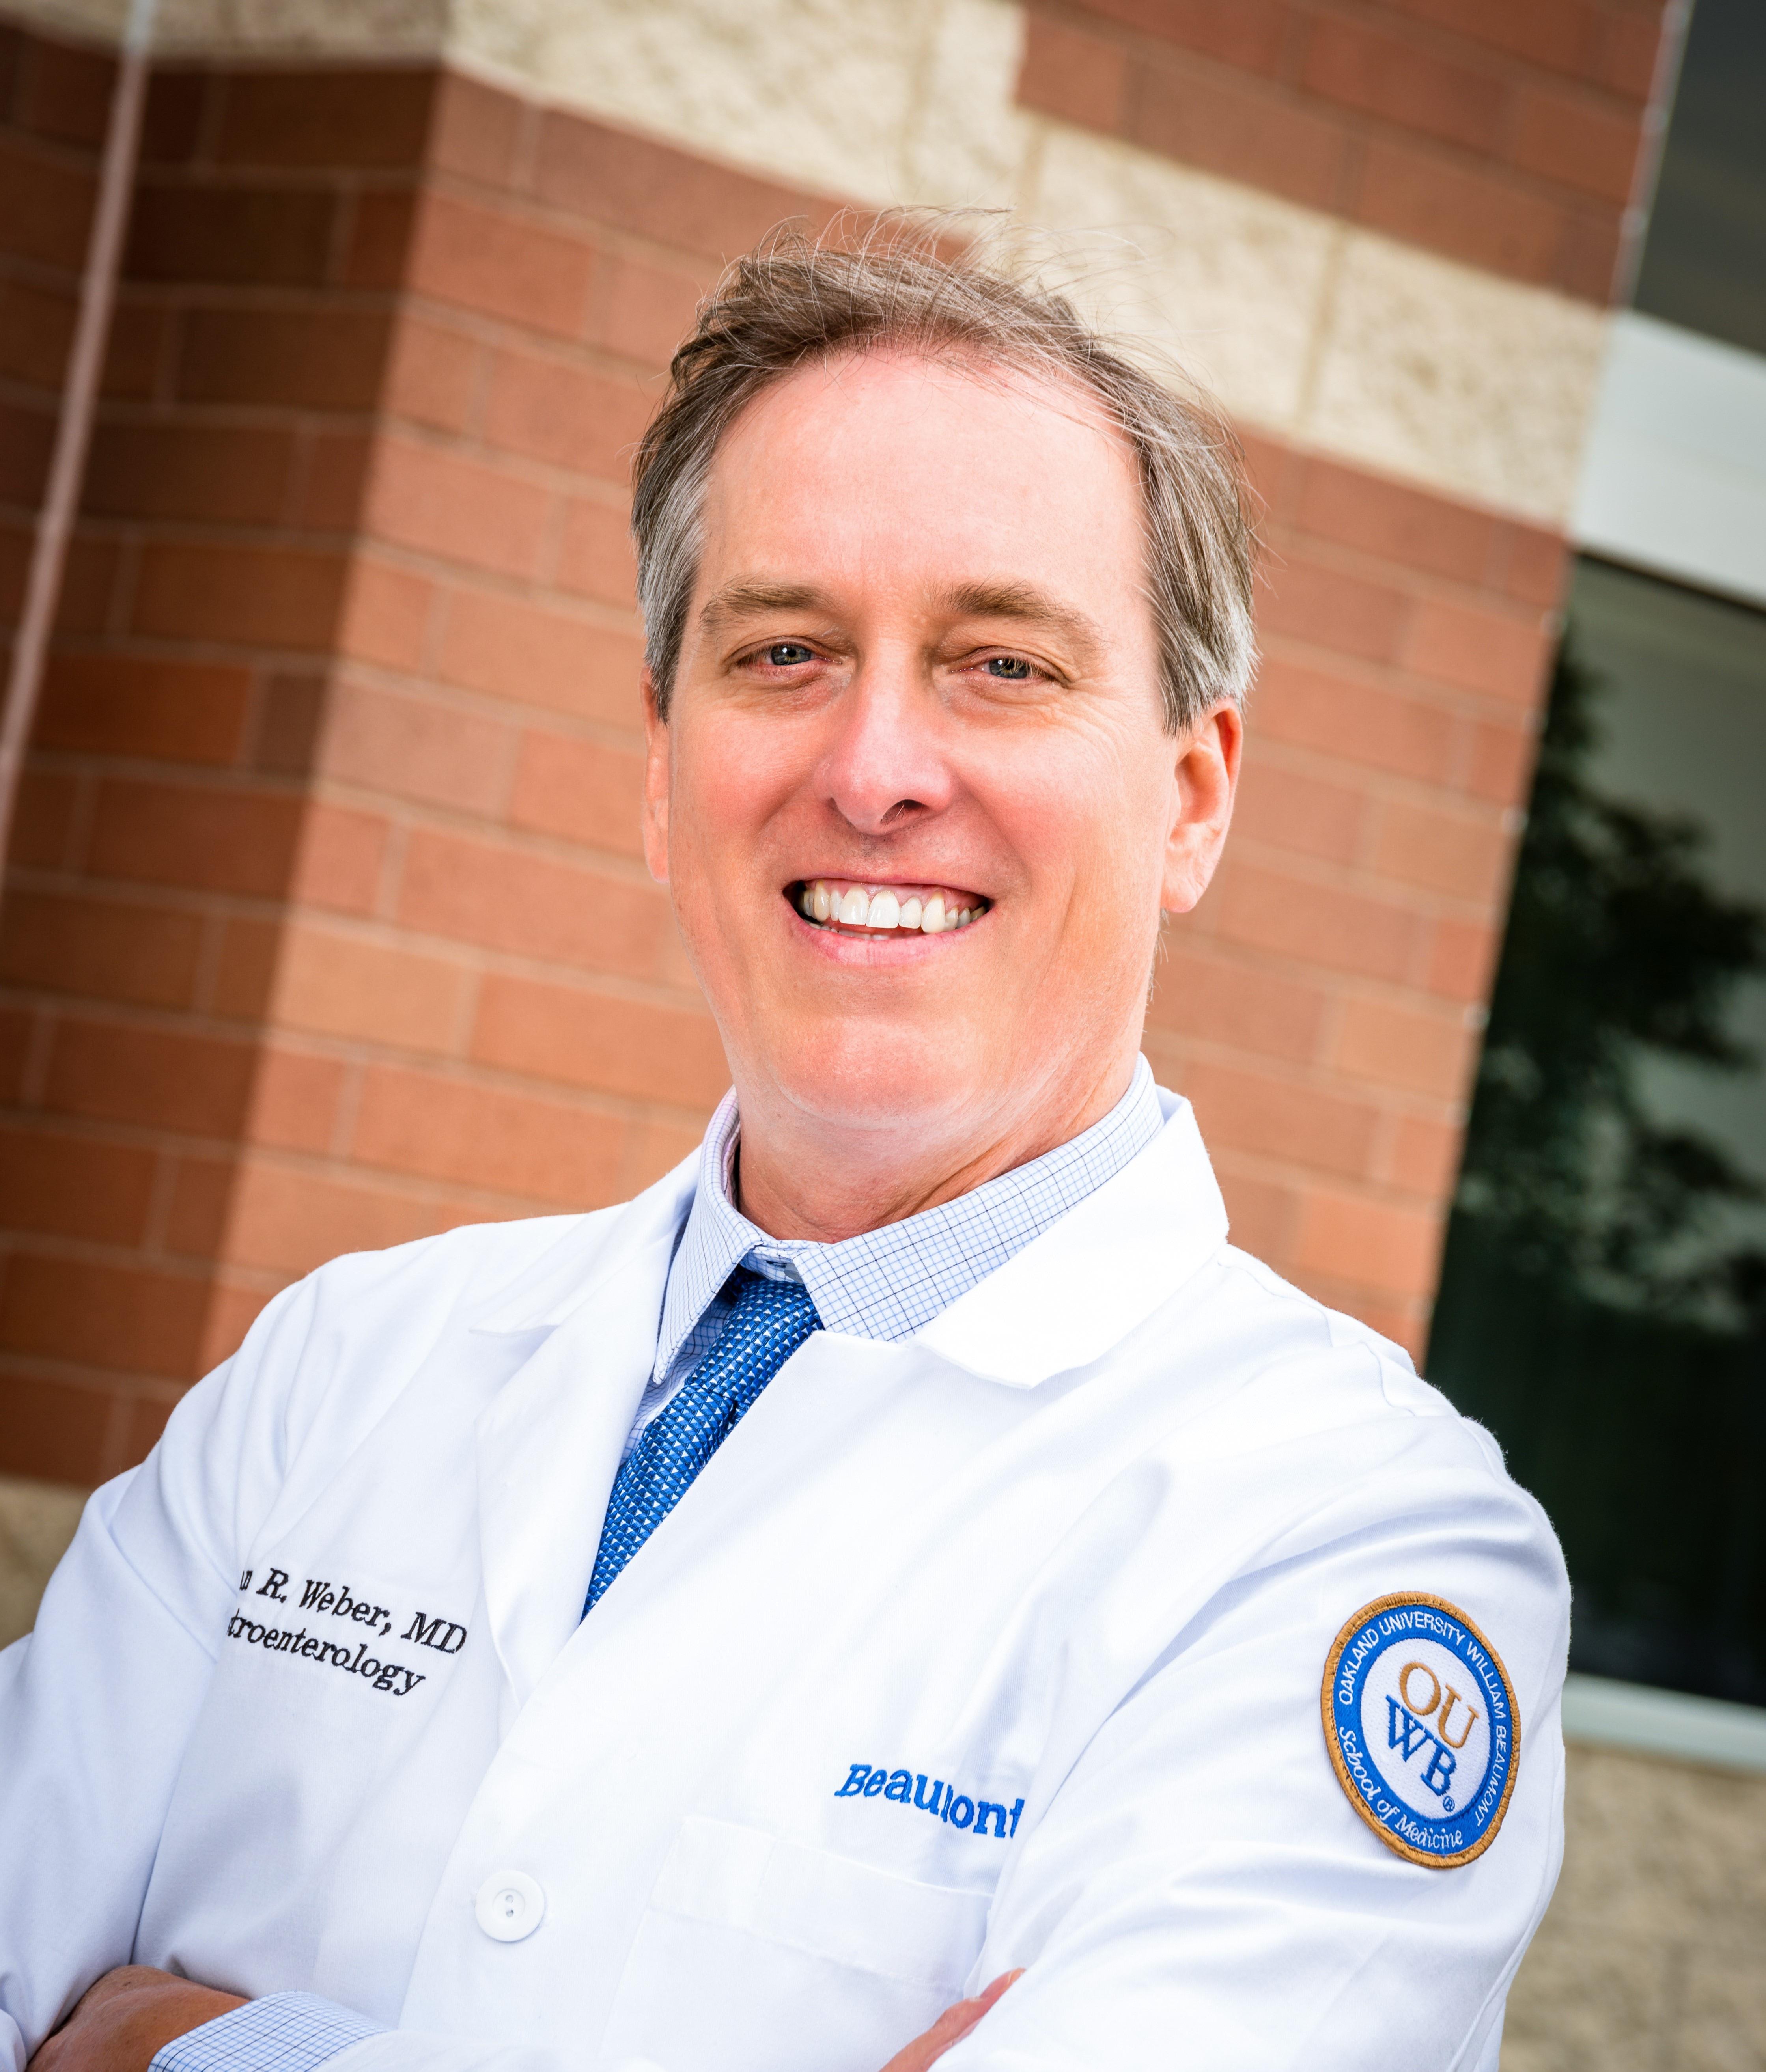 Dr. John R Weber Jr MD